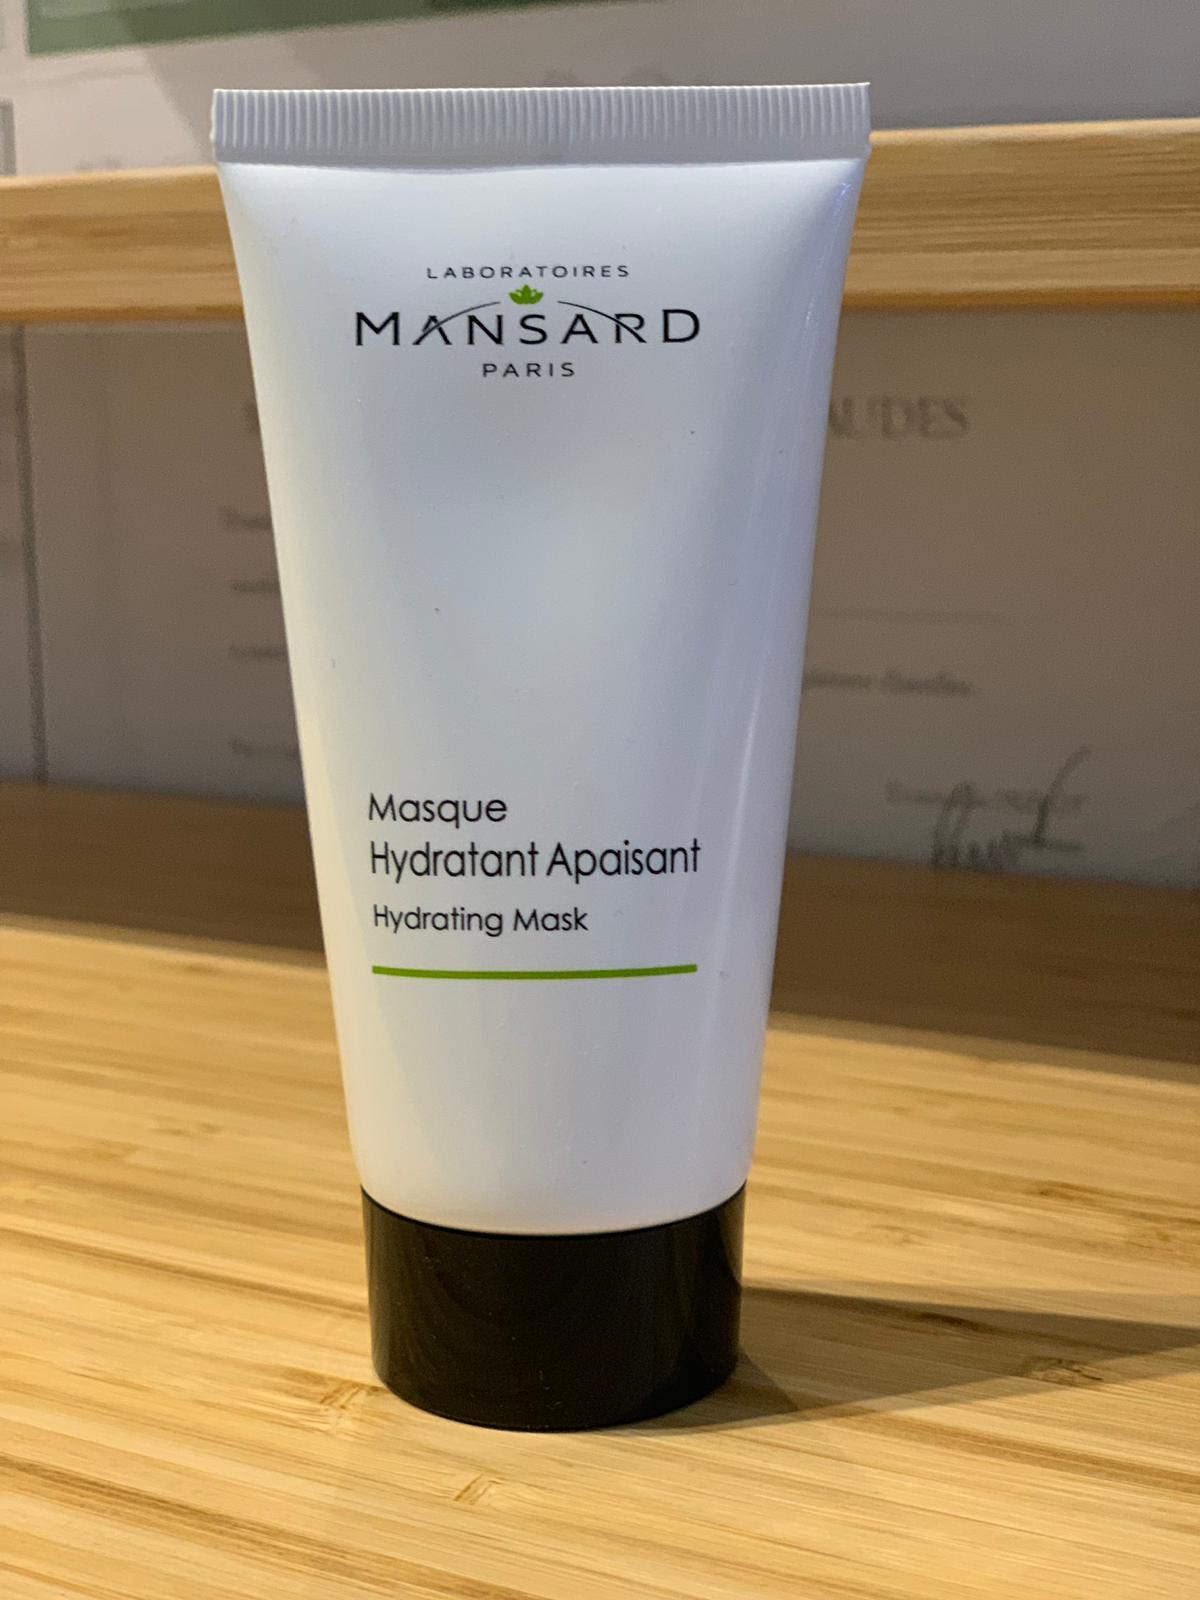 Masque hydratant apaisant 36€